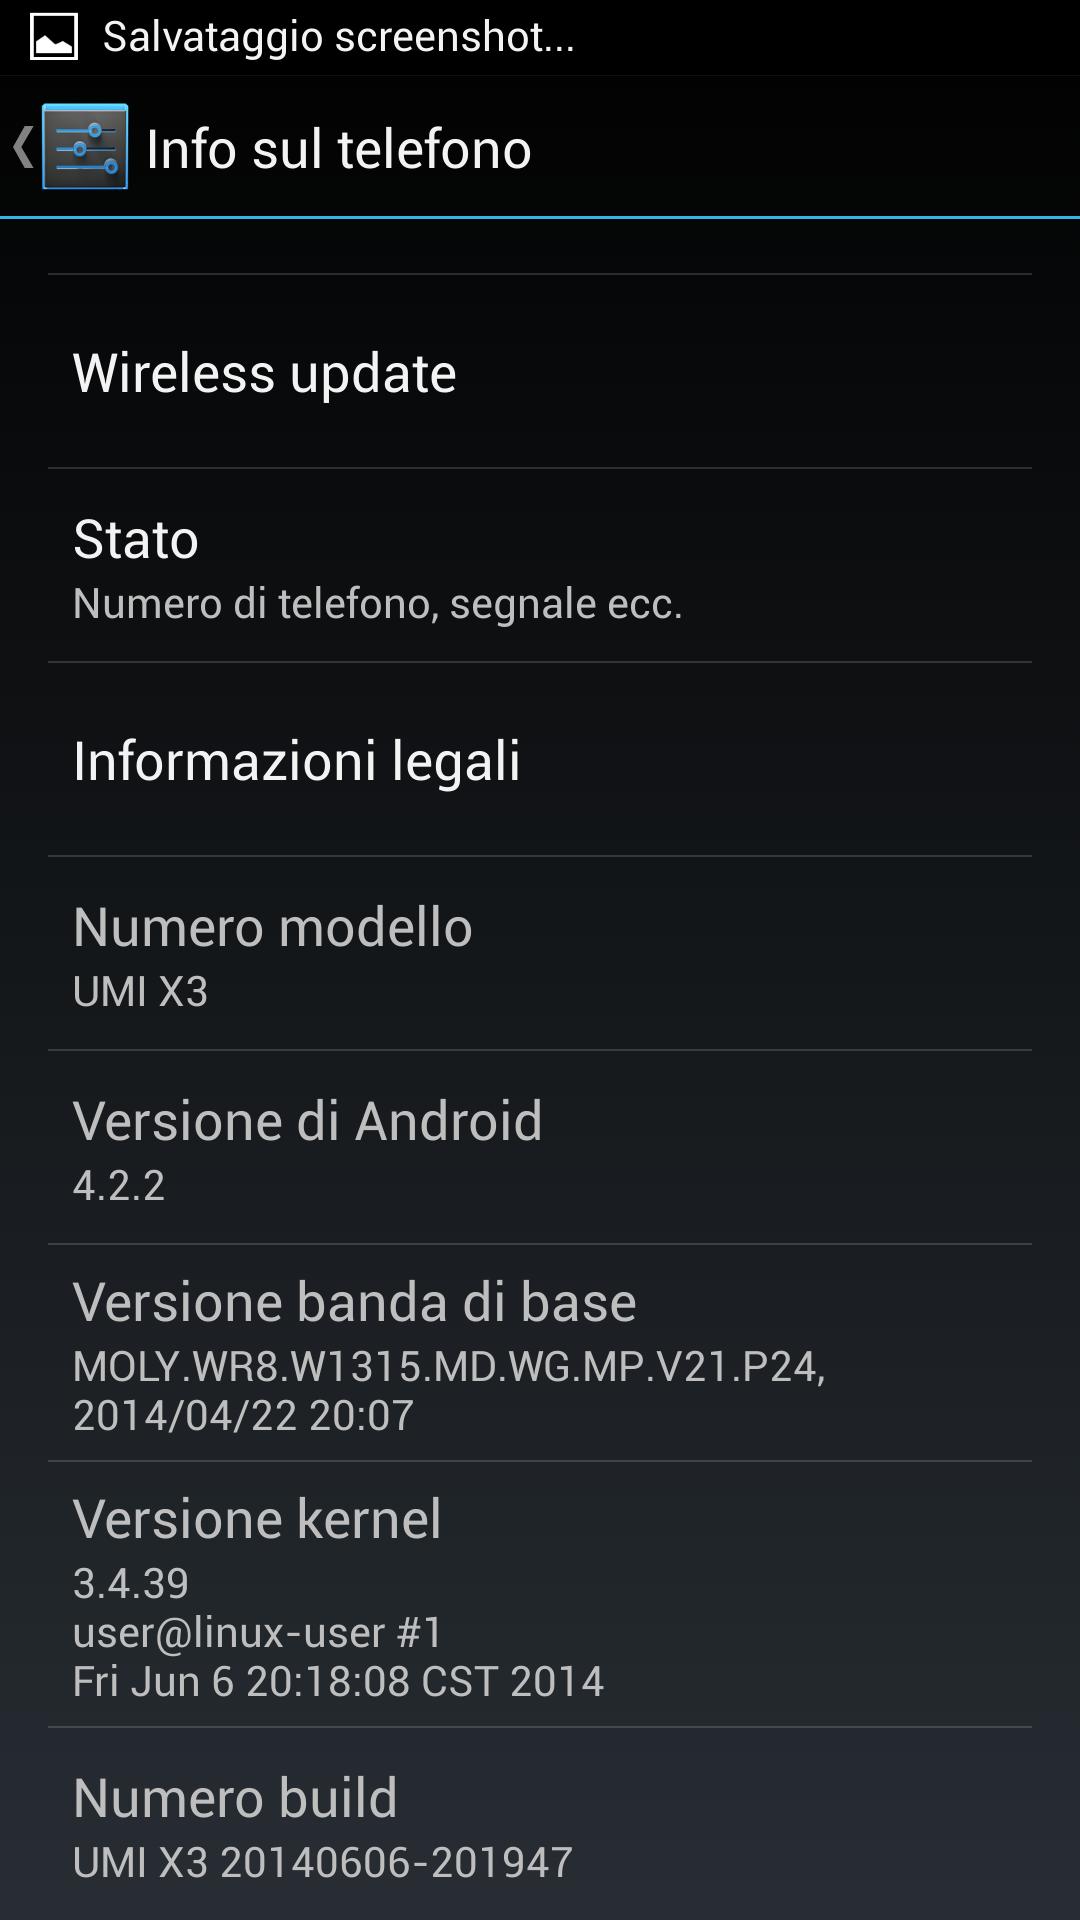 Info-sul-telefono-Android